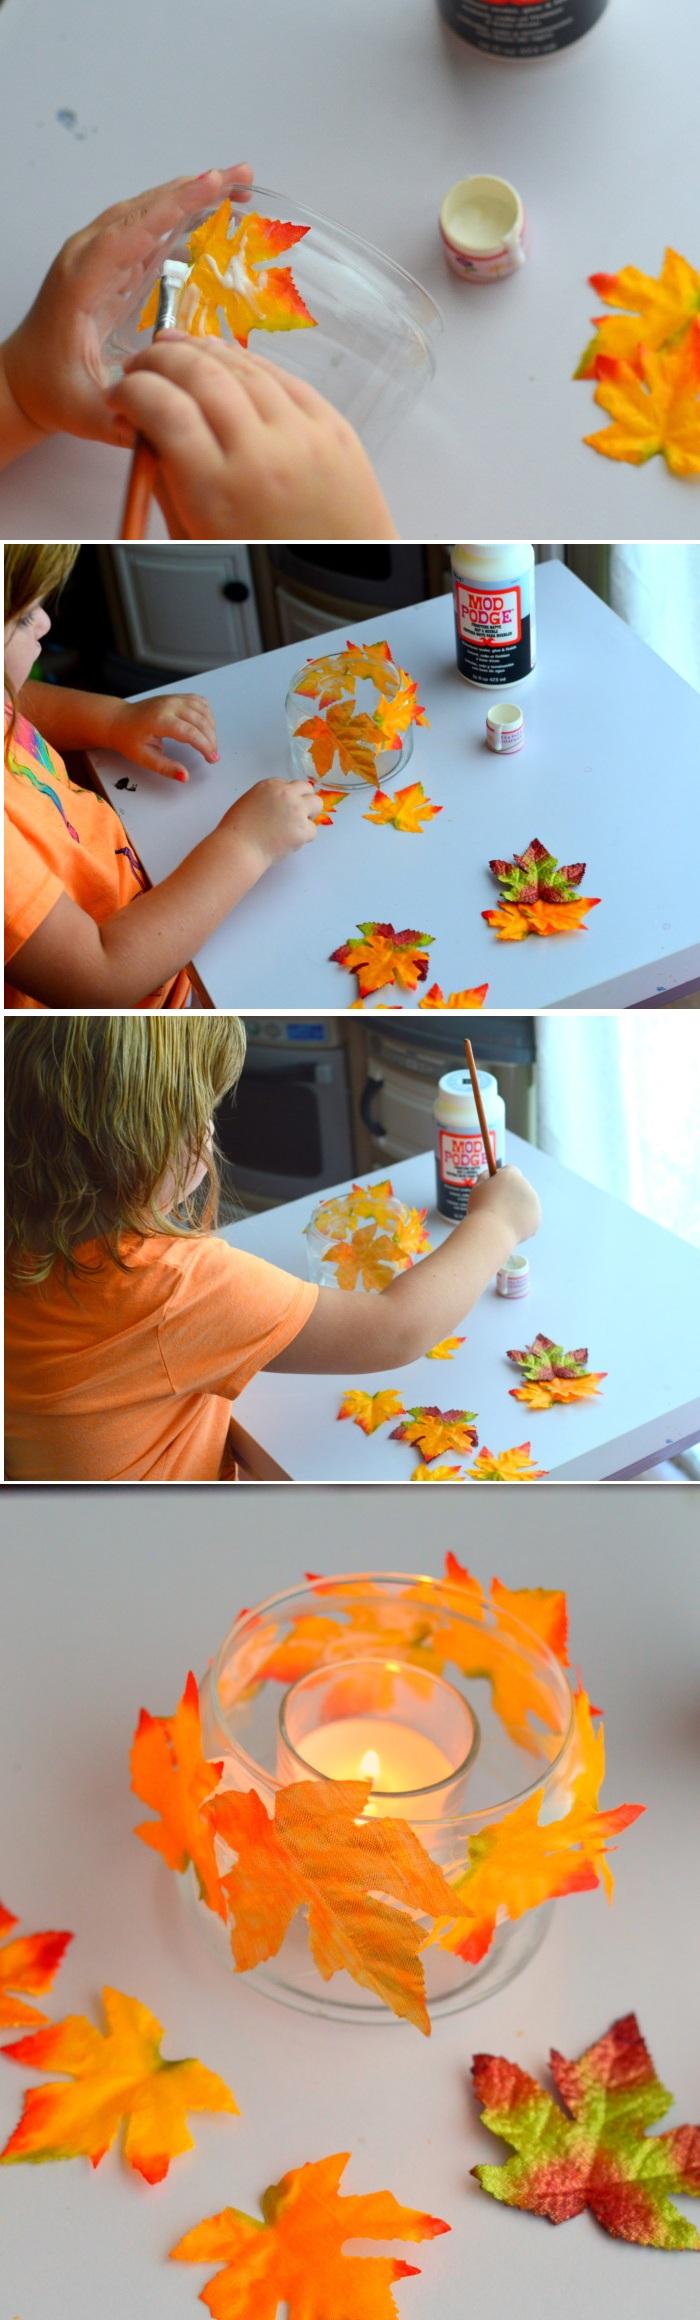 Fesselnde Geschenke Basteln Mit Kindern Bastelideen Foto Von Blättern: Viele Für Erwachsene Und Kinder |